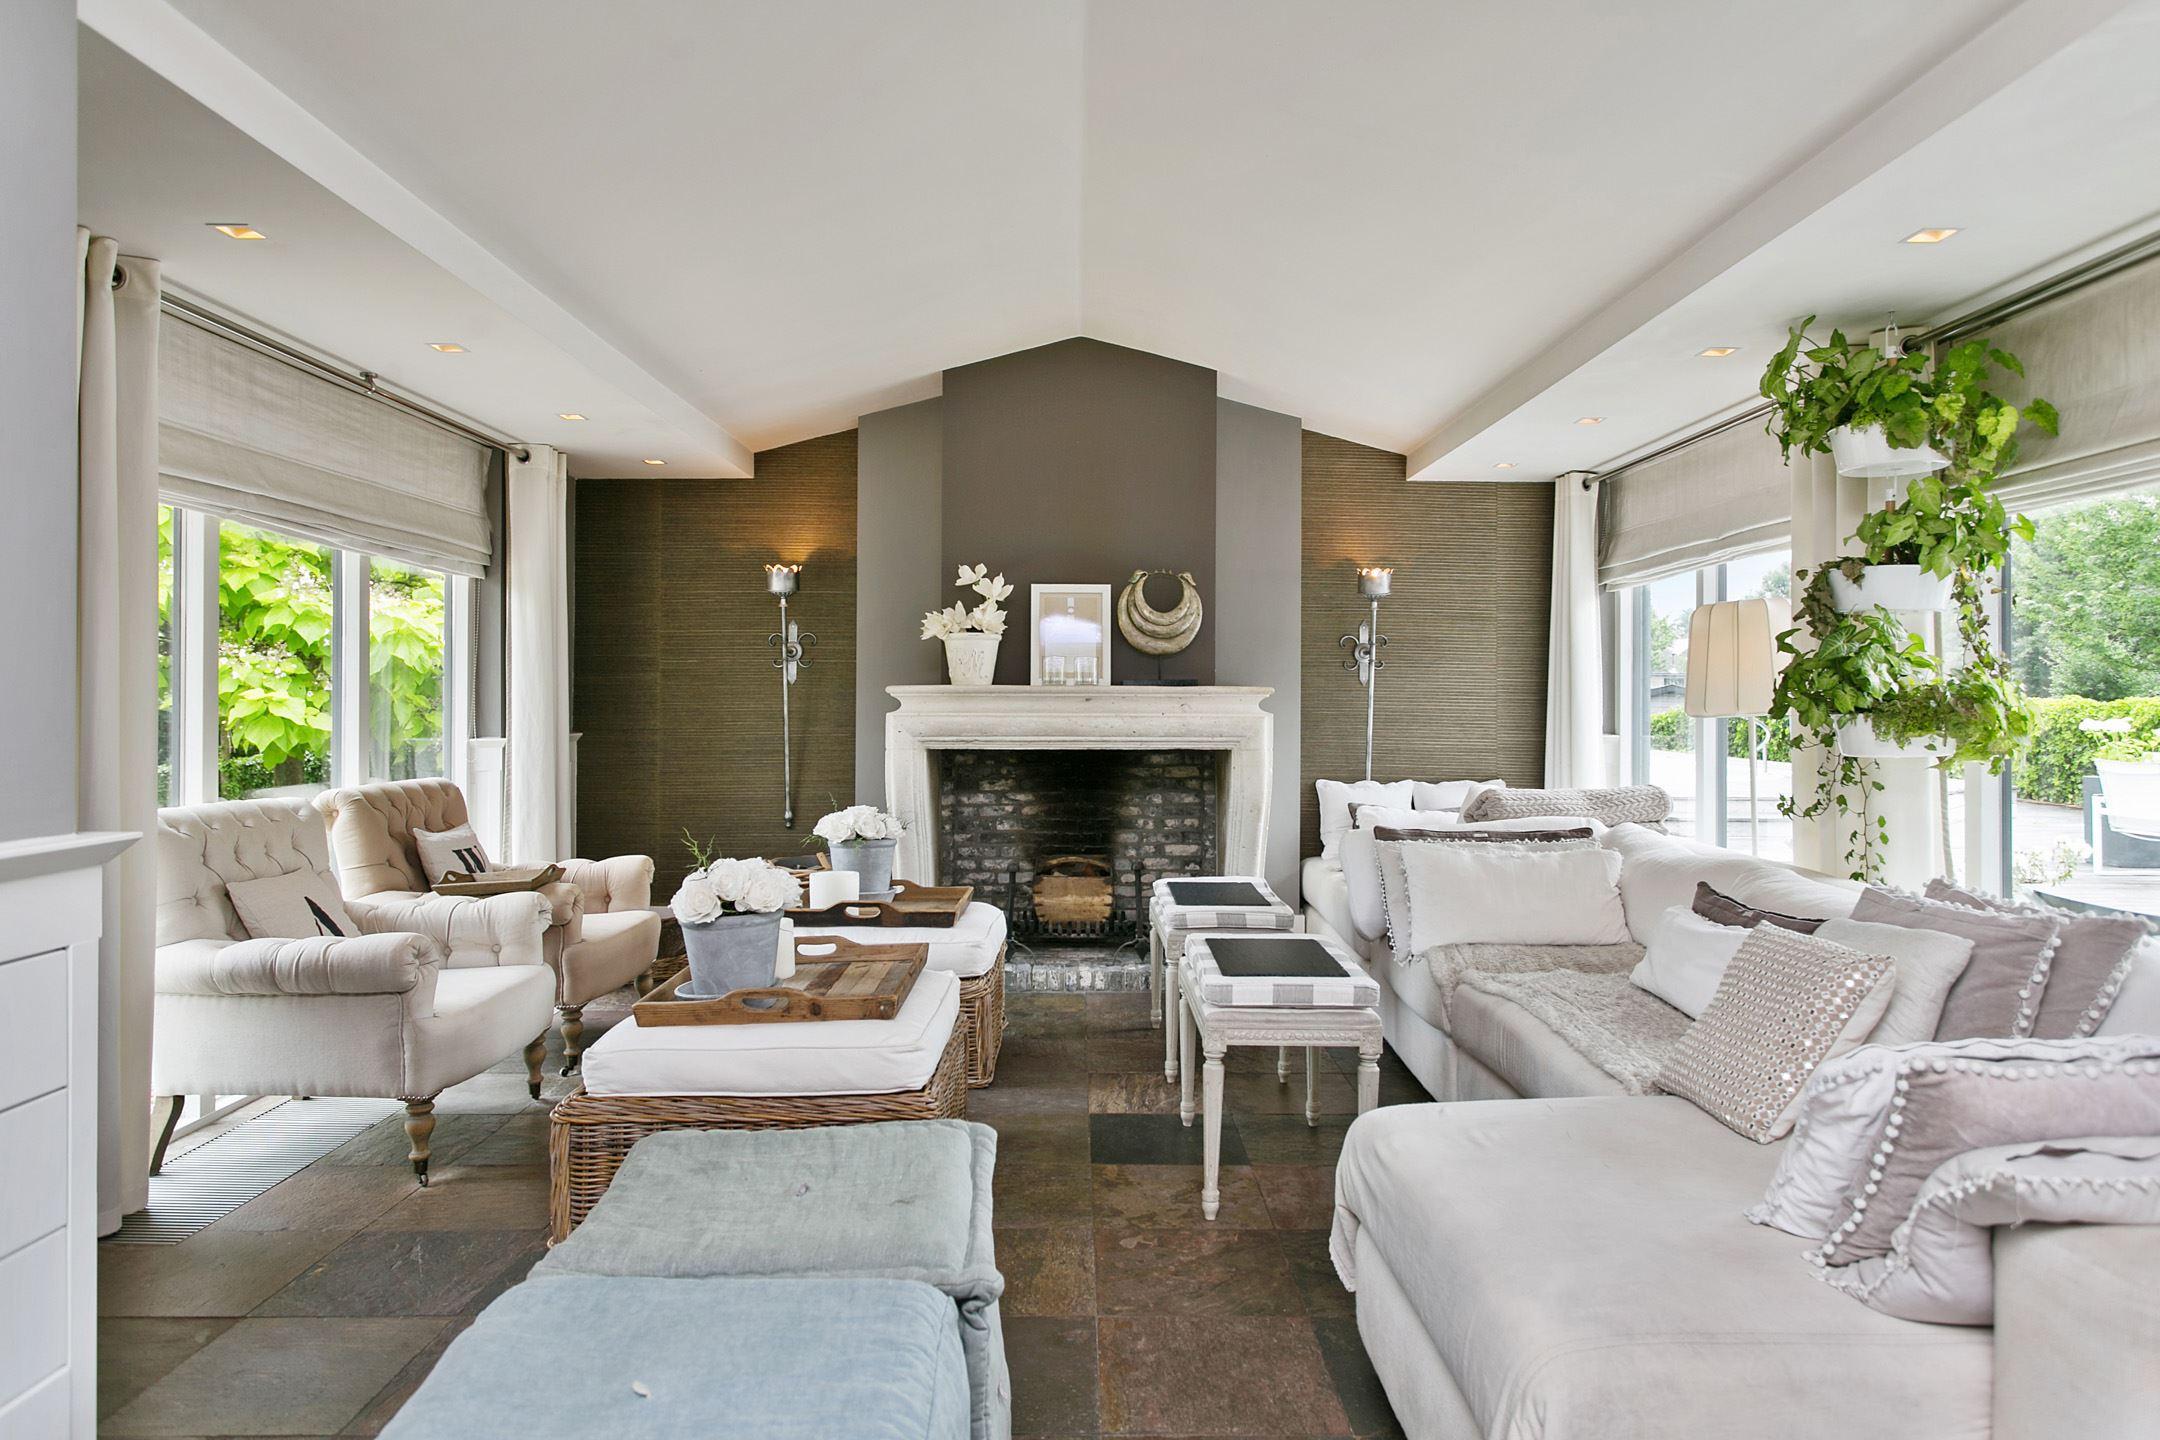 гостиная мебель диваны кресла окна камин